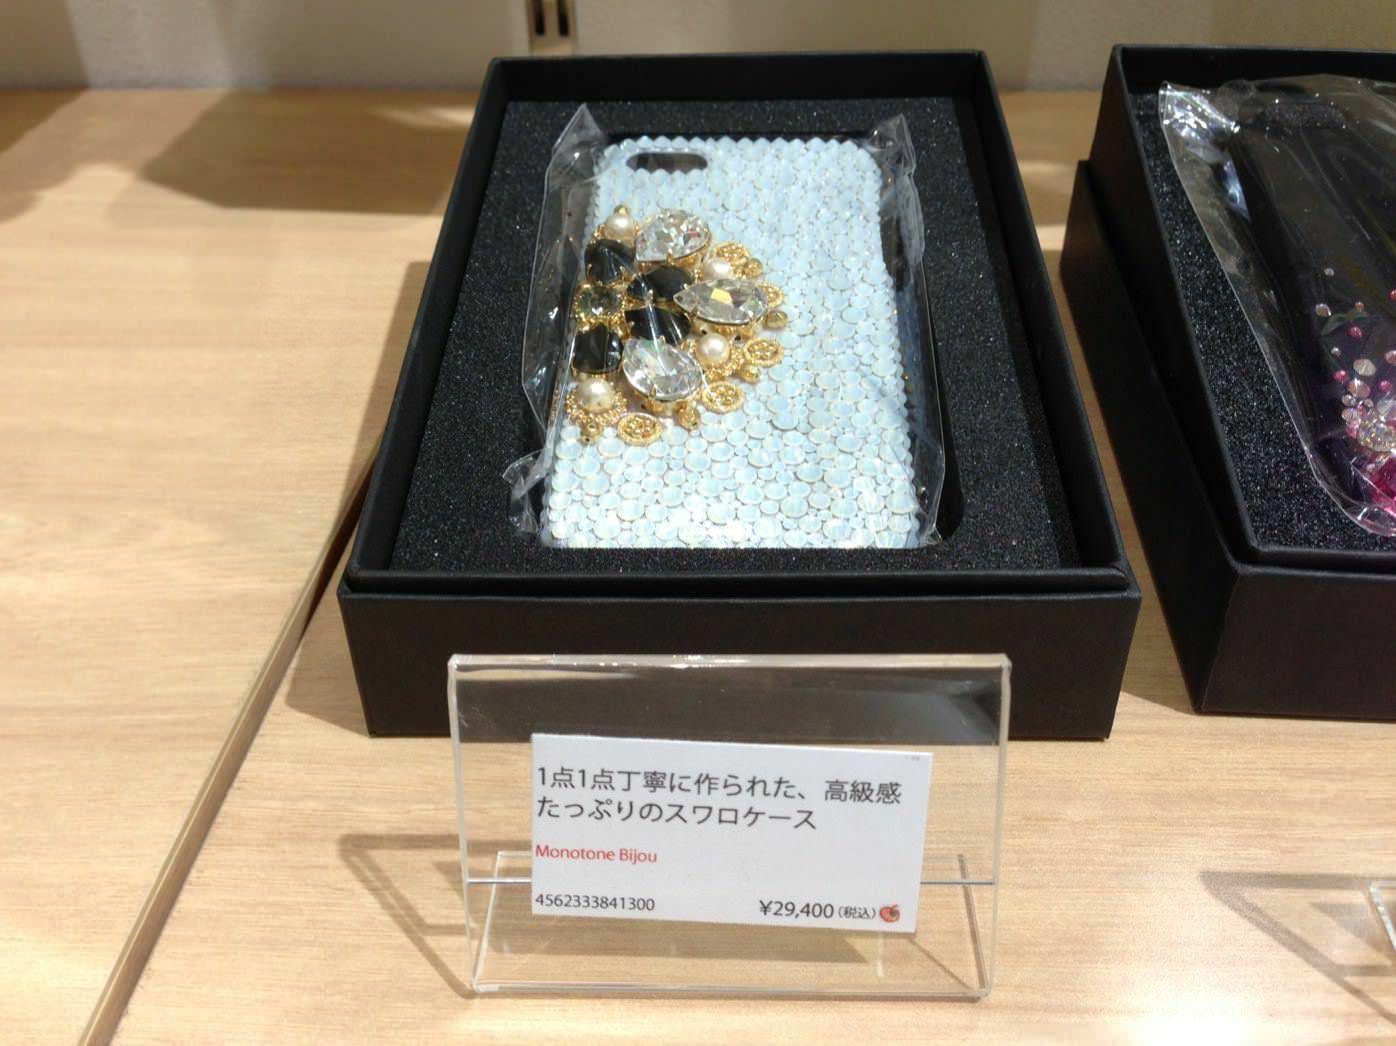 30000円もする高級iPhoneケース